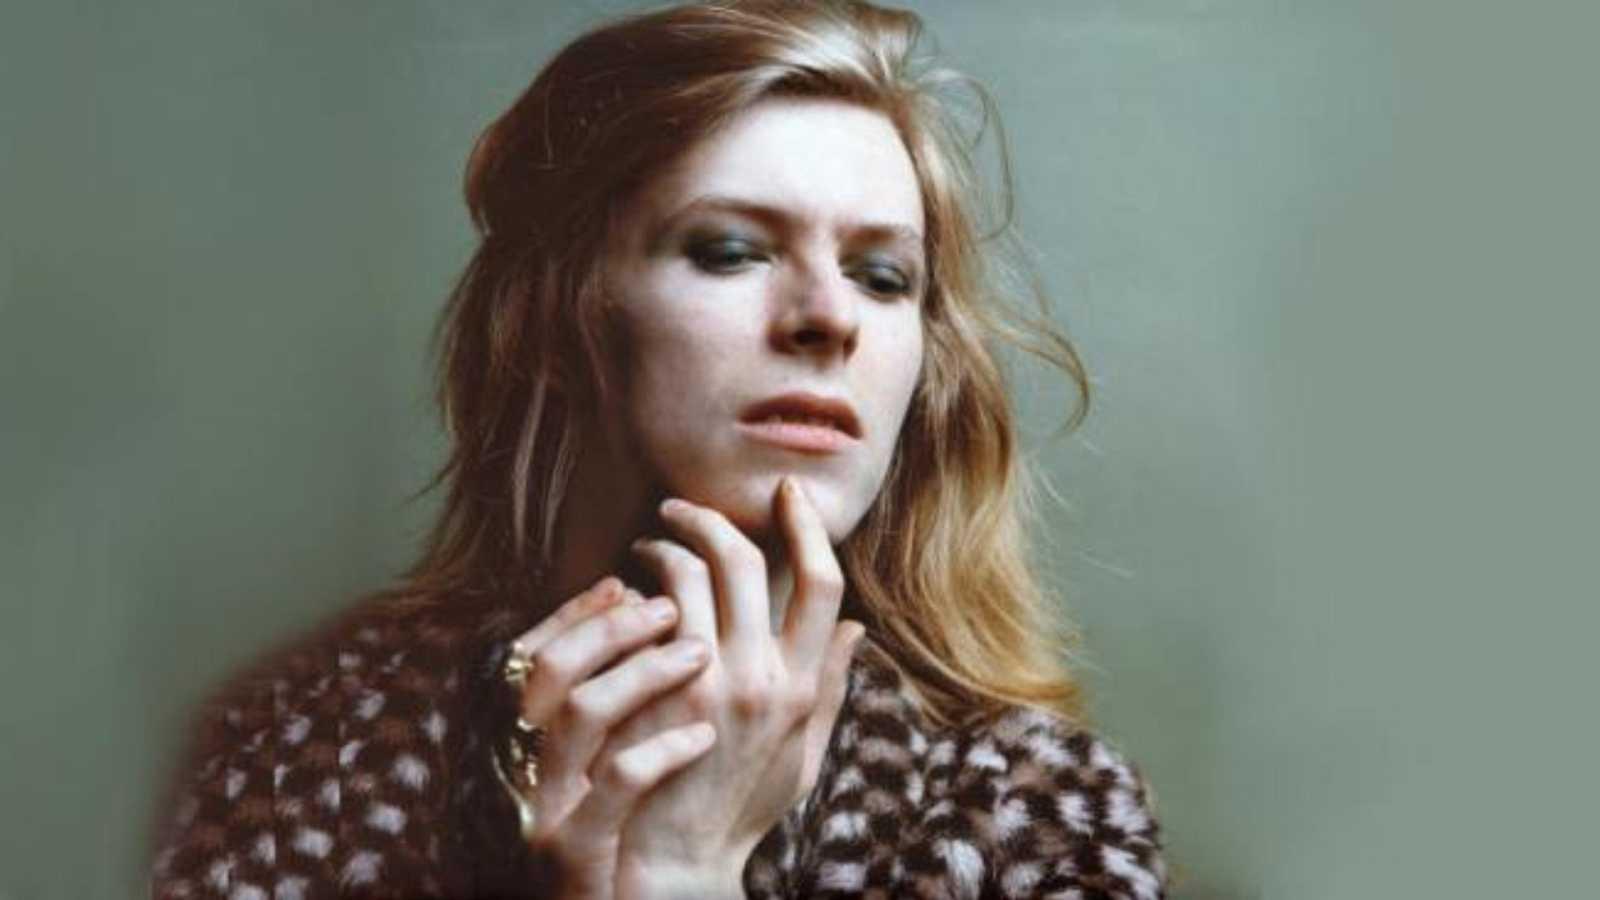 Turbo 3 - David Bowie, 8AD y La Trinidad - 29/10/20 - escuchar ahora